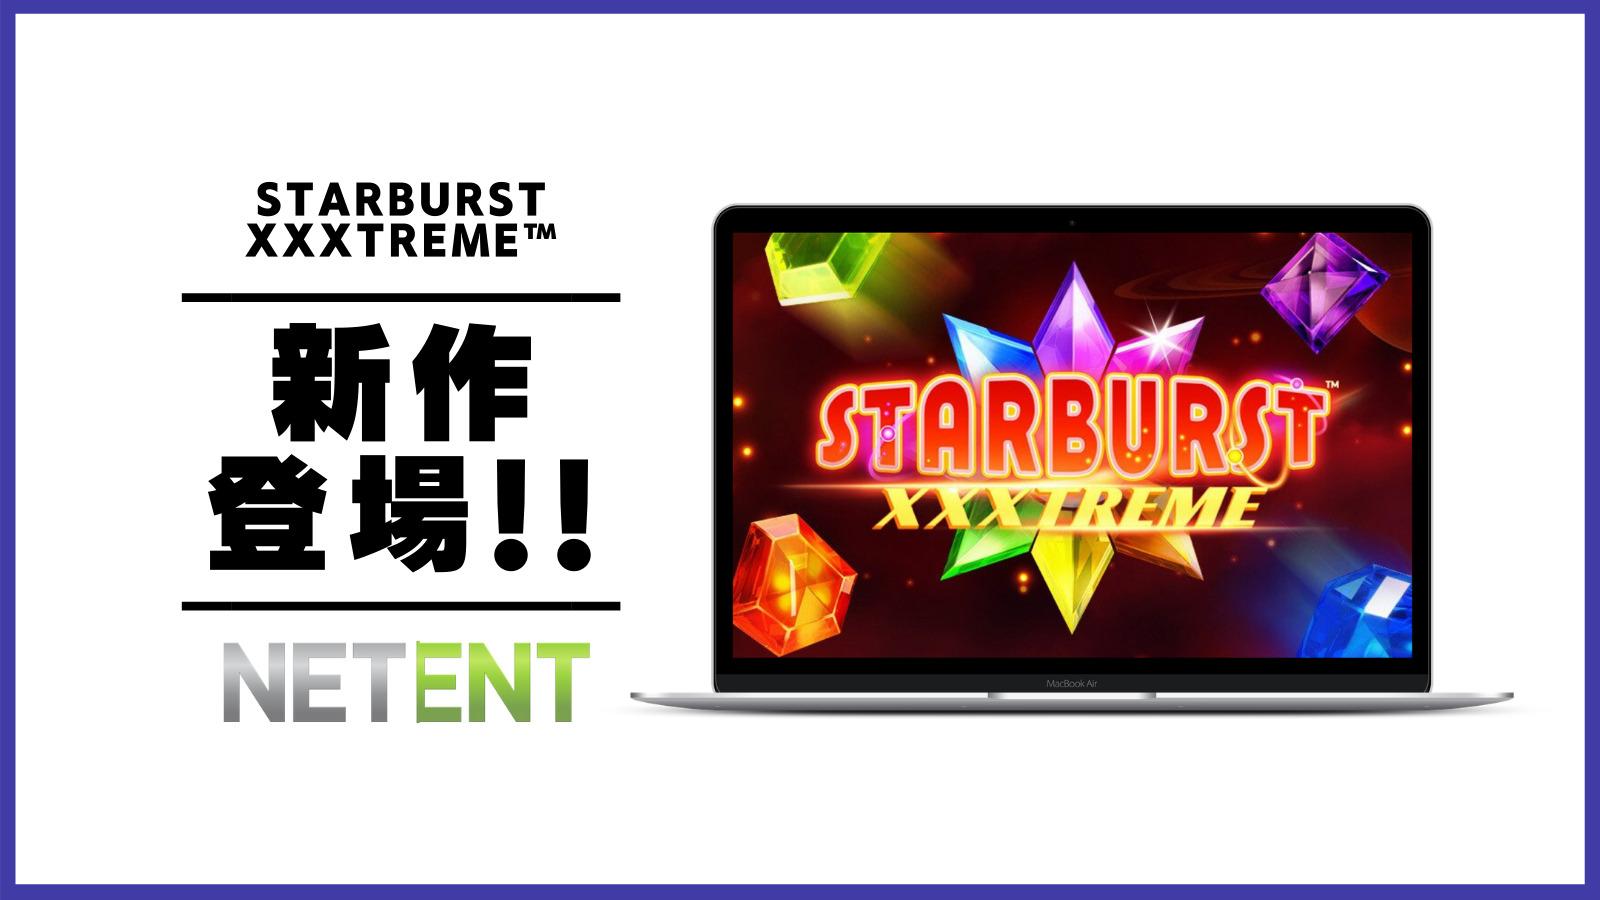 【NEWS】スターバーストに新作が登場!!STARBURST XXXTREME